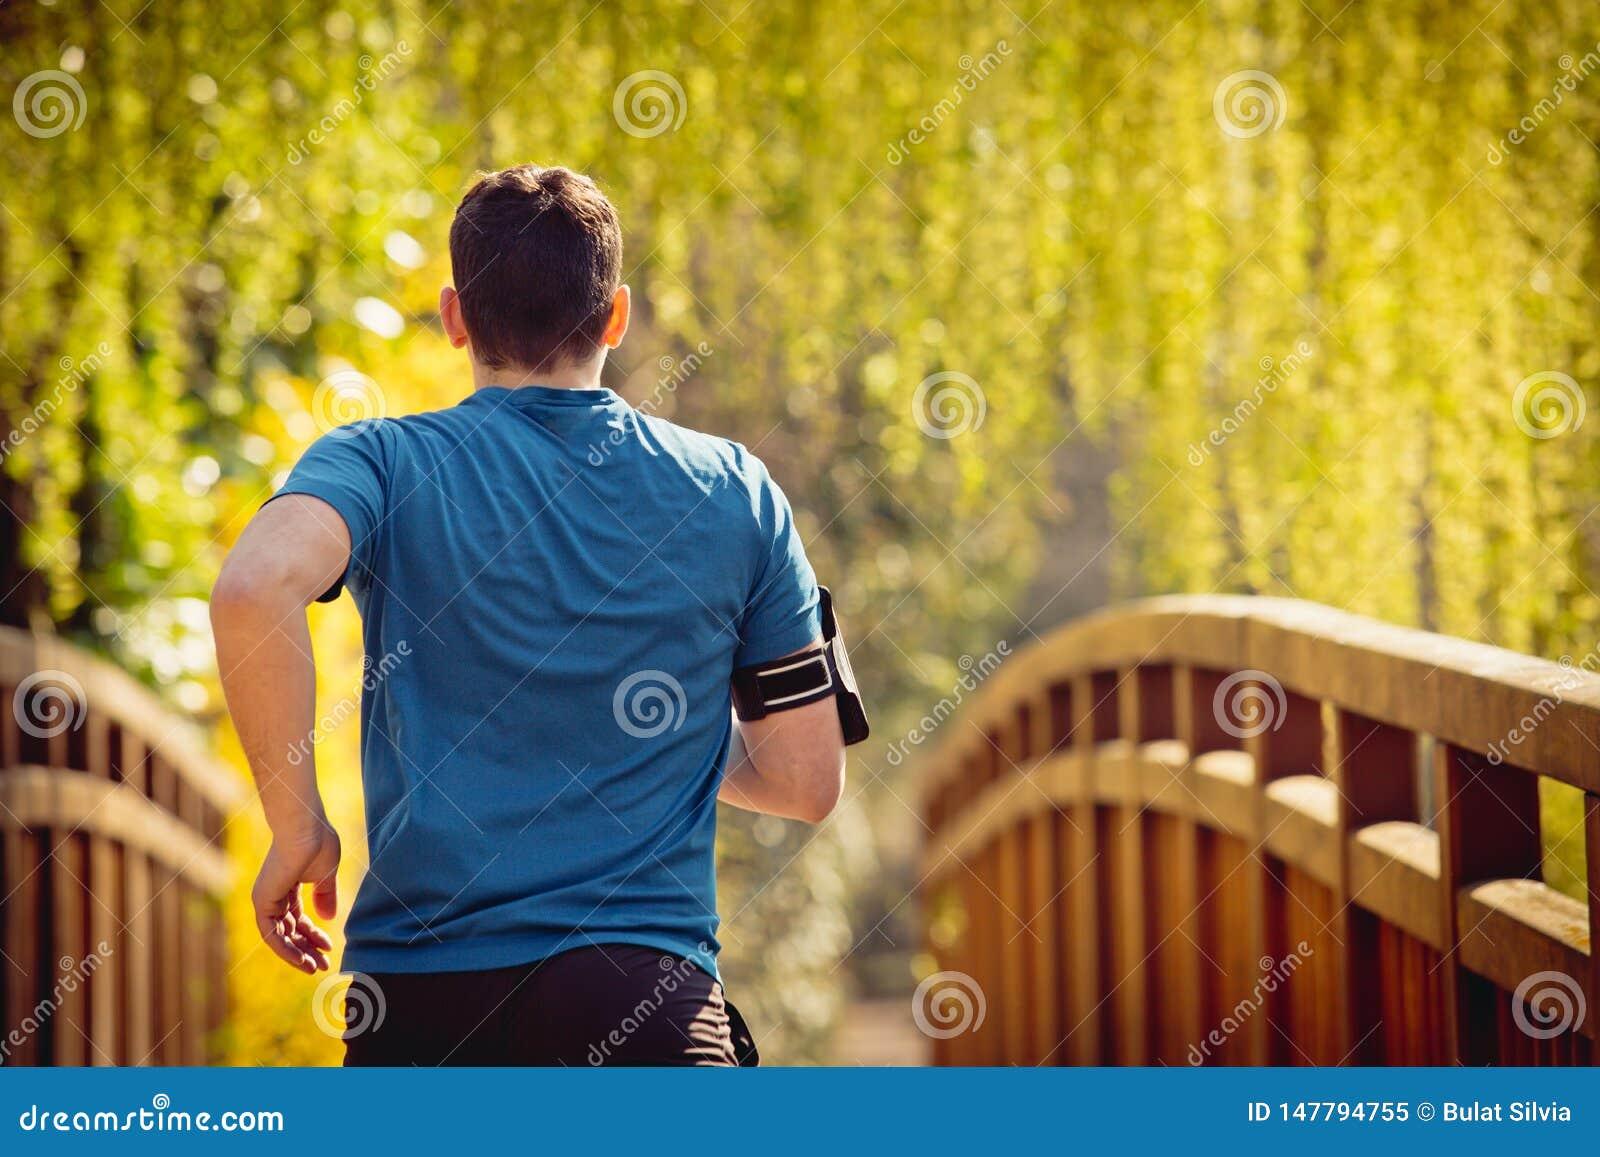 Бегун вида сзади мужской бежать в парке города за мостом